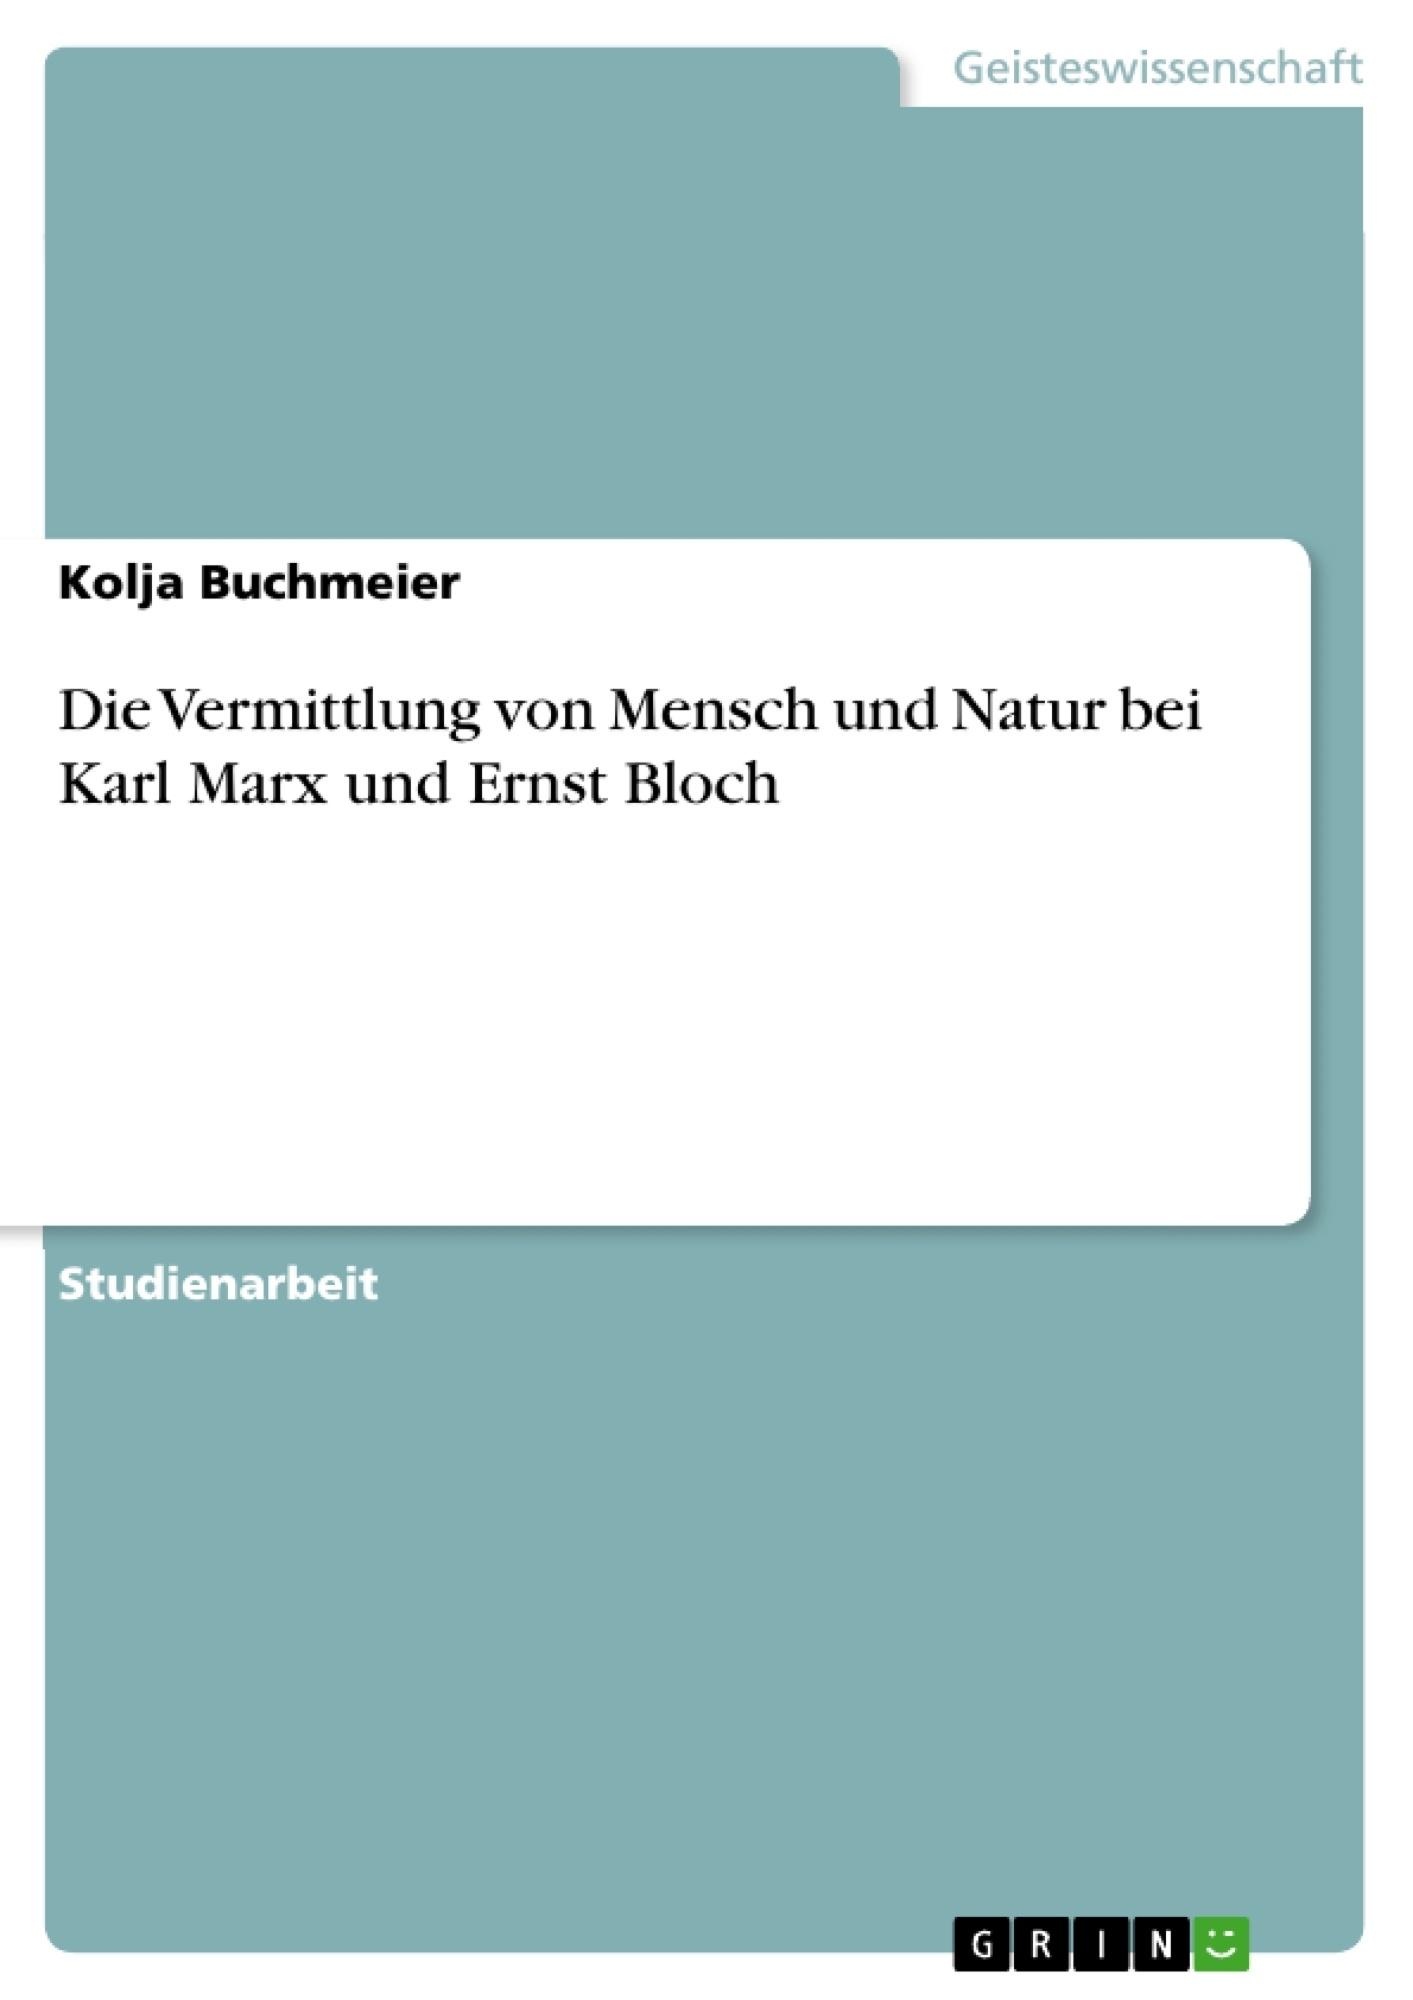 Titel: Die Vermittlung von Mensch und Natur bei Karl Marx und Ernst Bloch